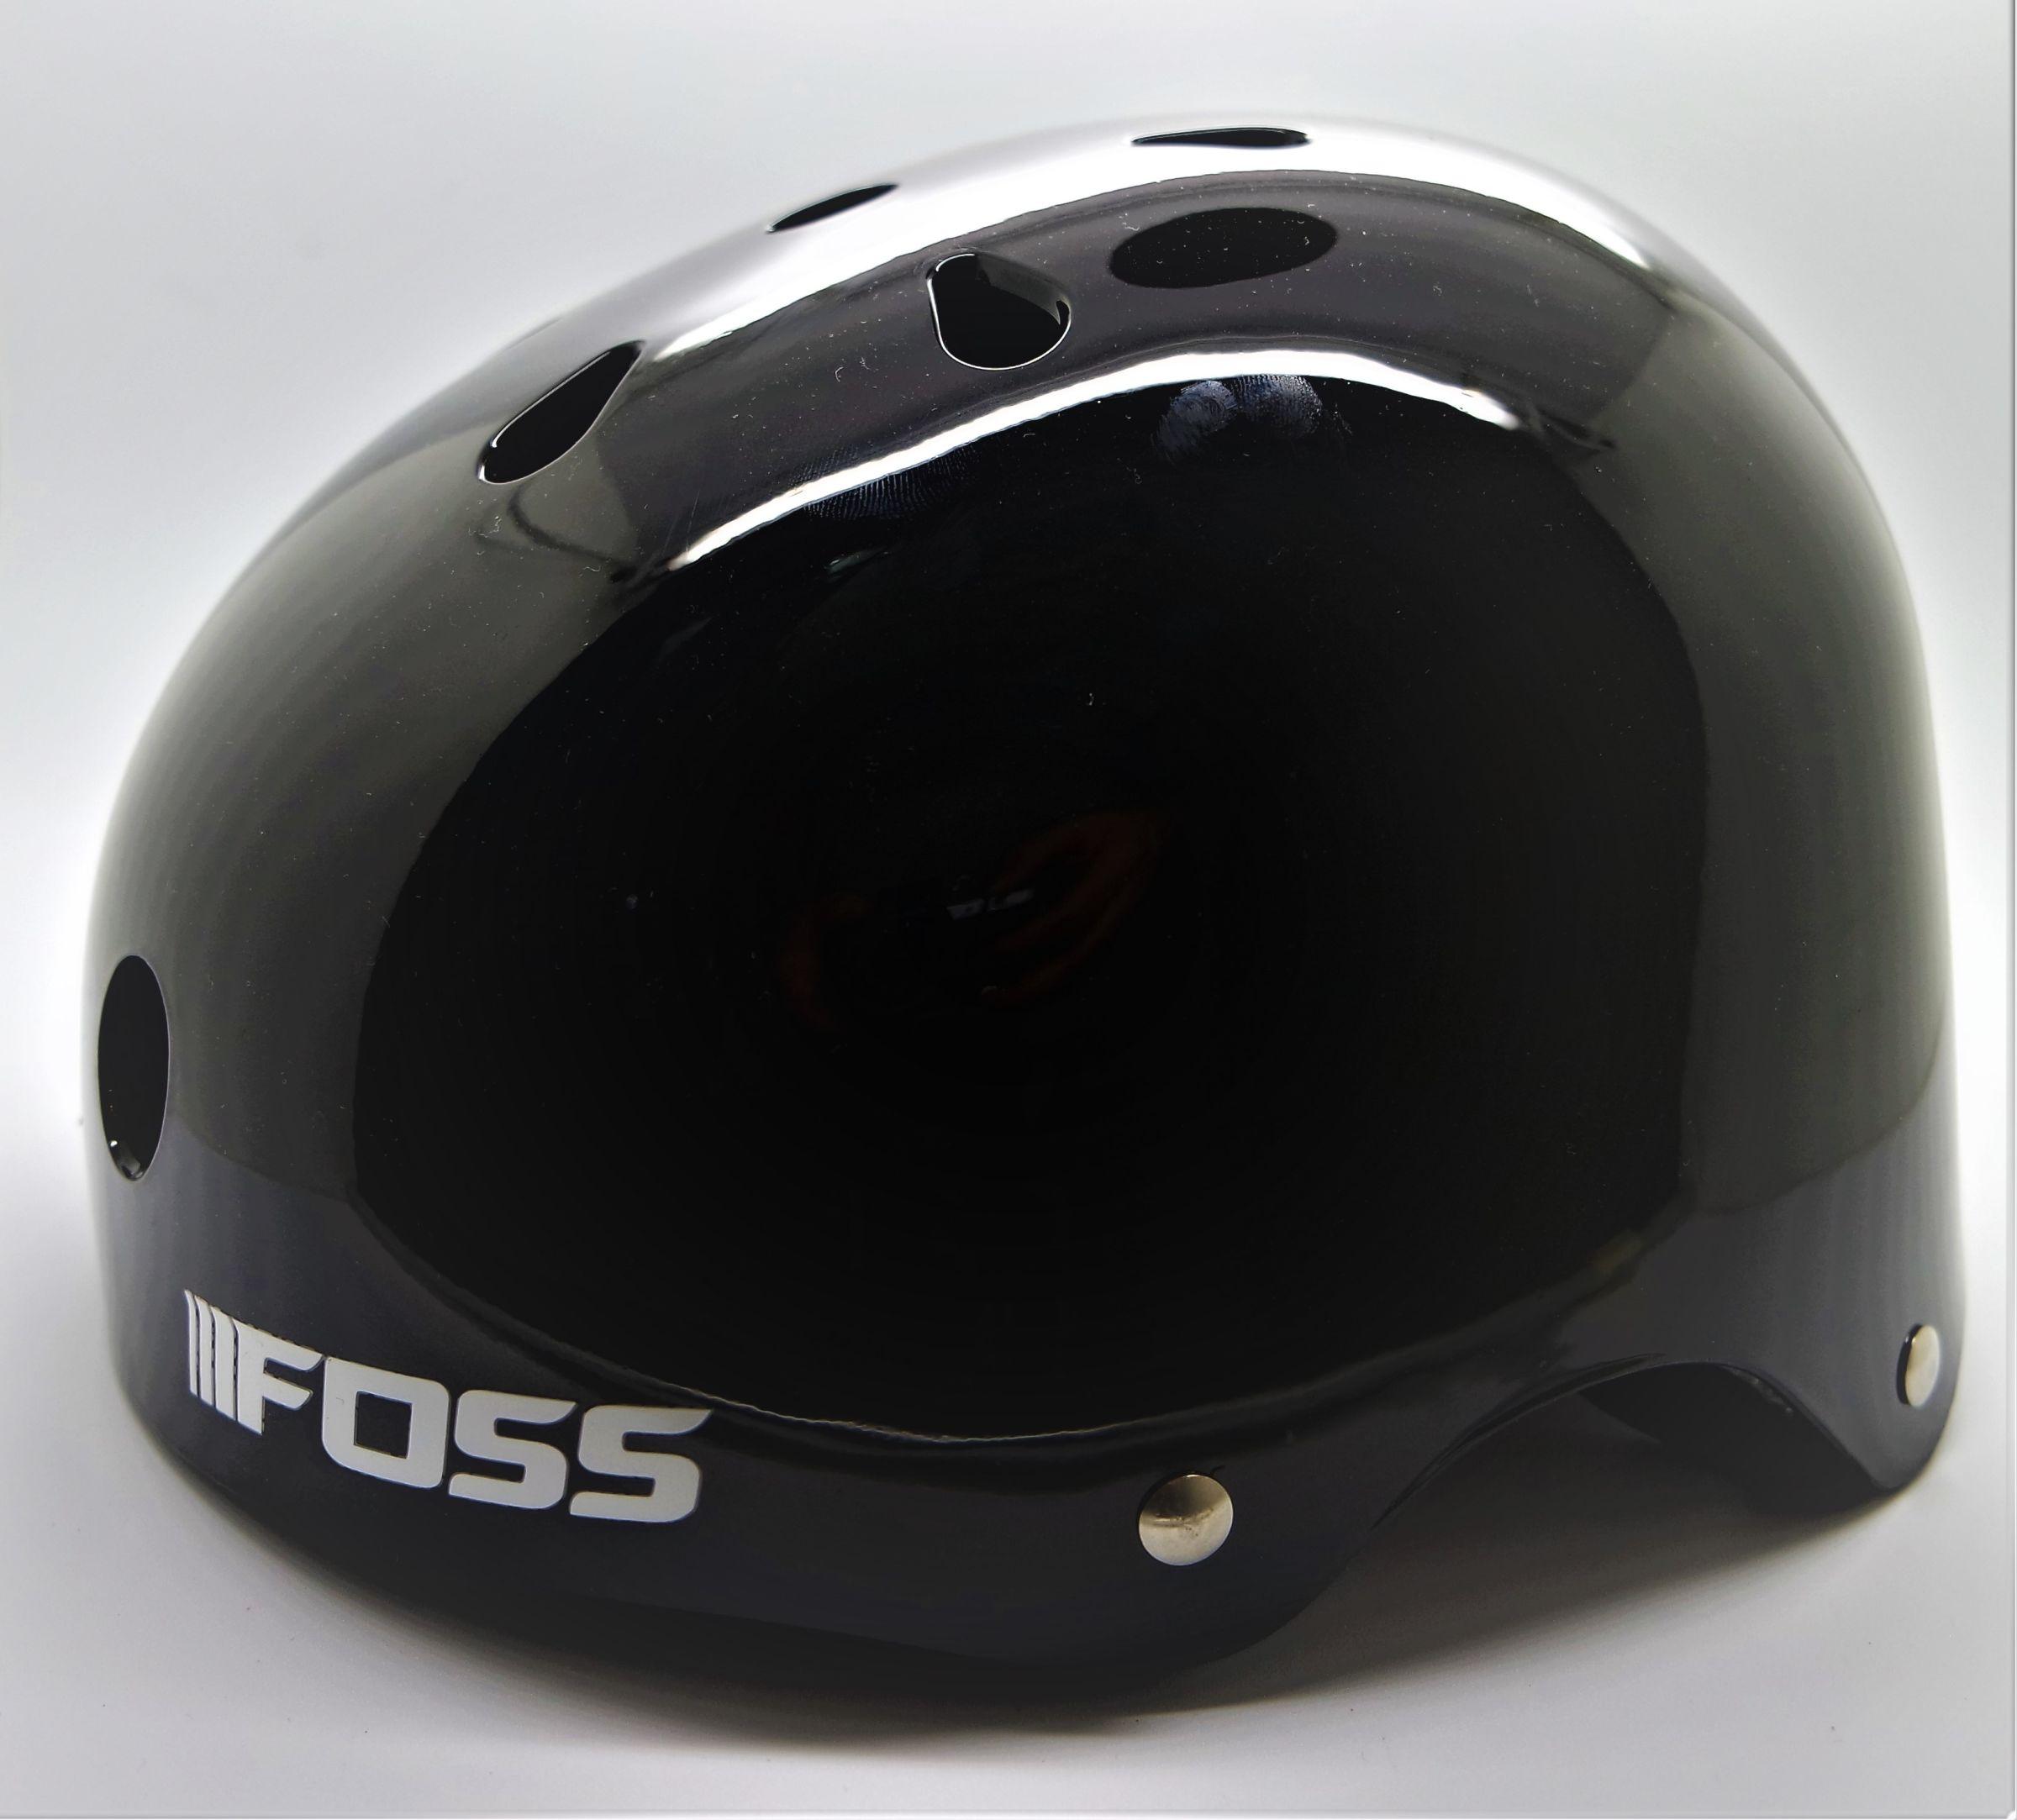 casco negro urbano foss